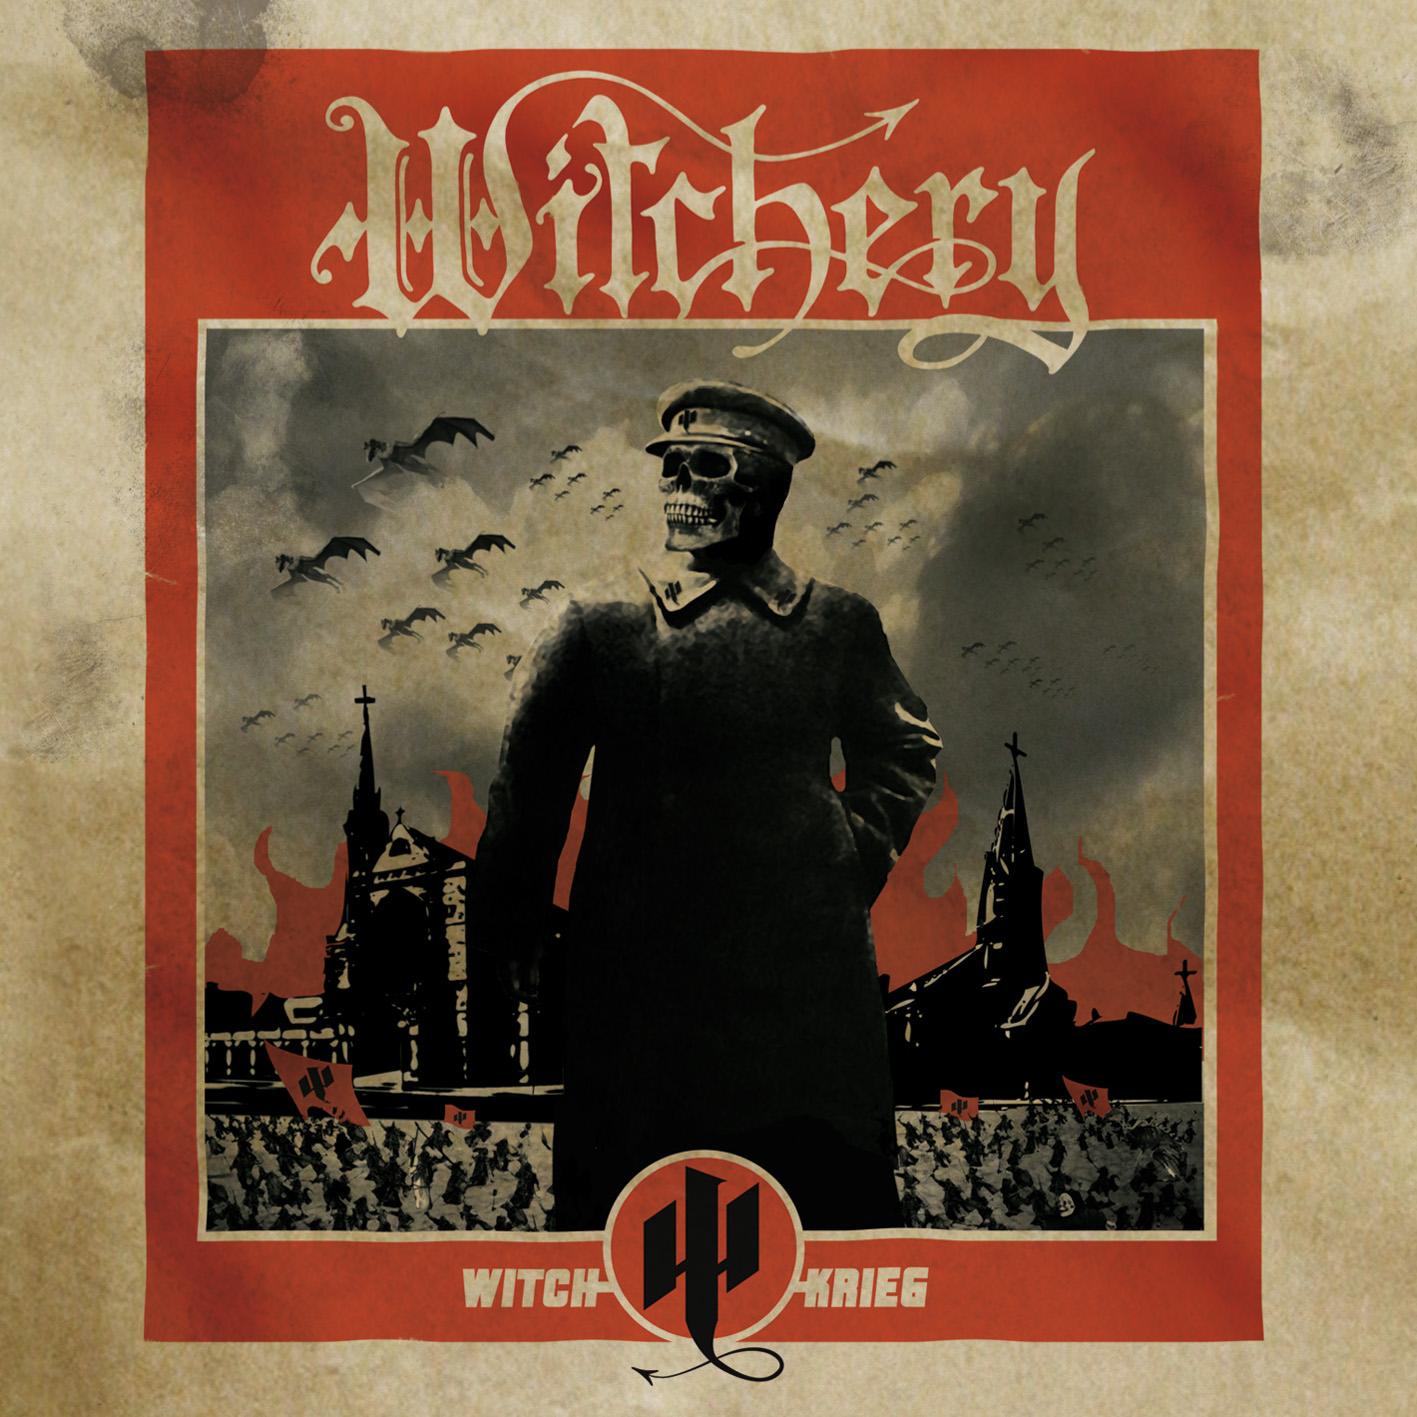 Witchery - Witchkrieg Review